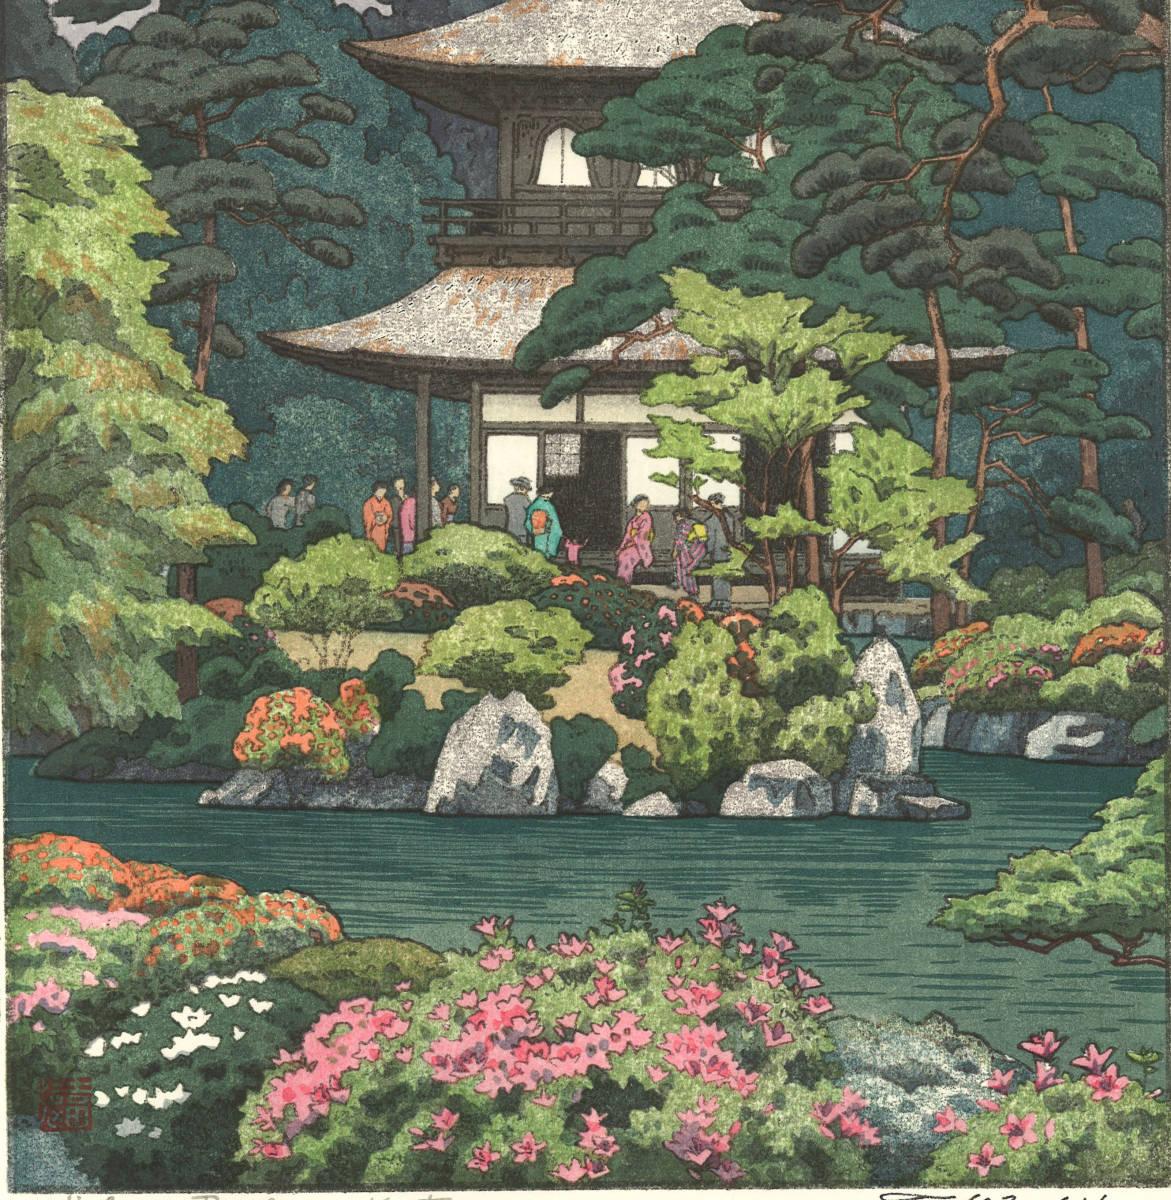 吉田遠志 木版画 015112 銀閣 Silver pavilion kyoto 初摺1951年   最高峰の摺師の技をご堪能下さい!!_画像8